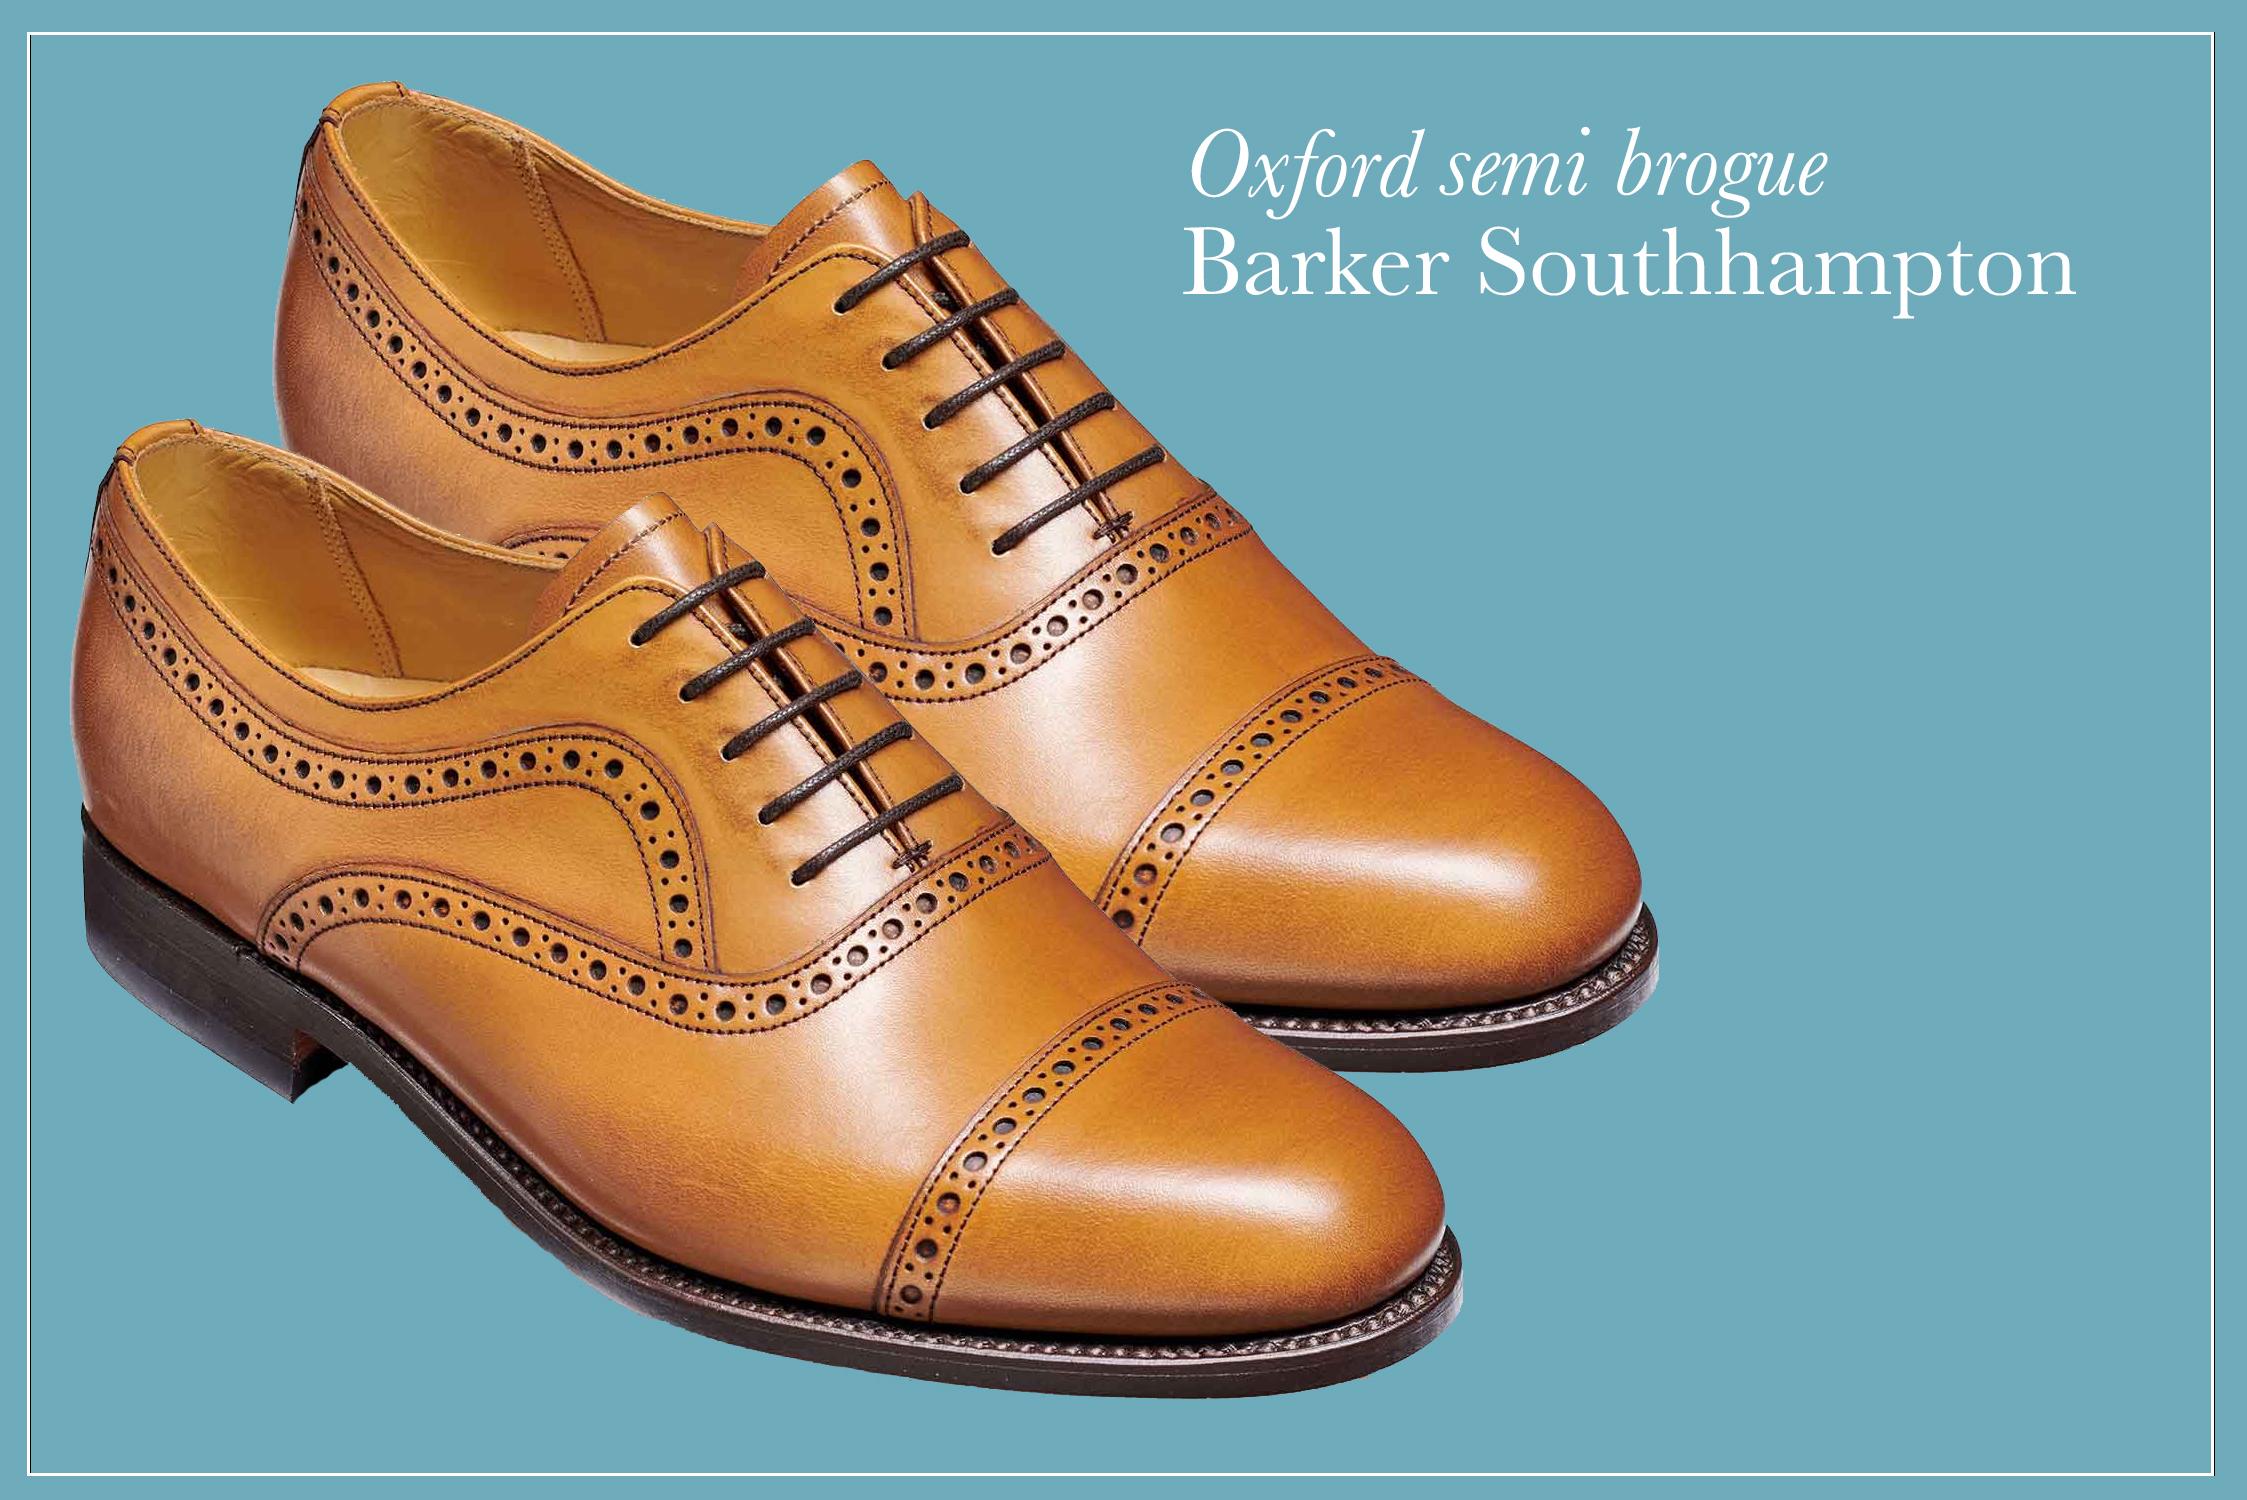 Barker SS19 southampton semi brogue